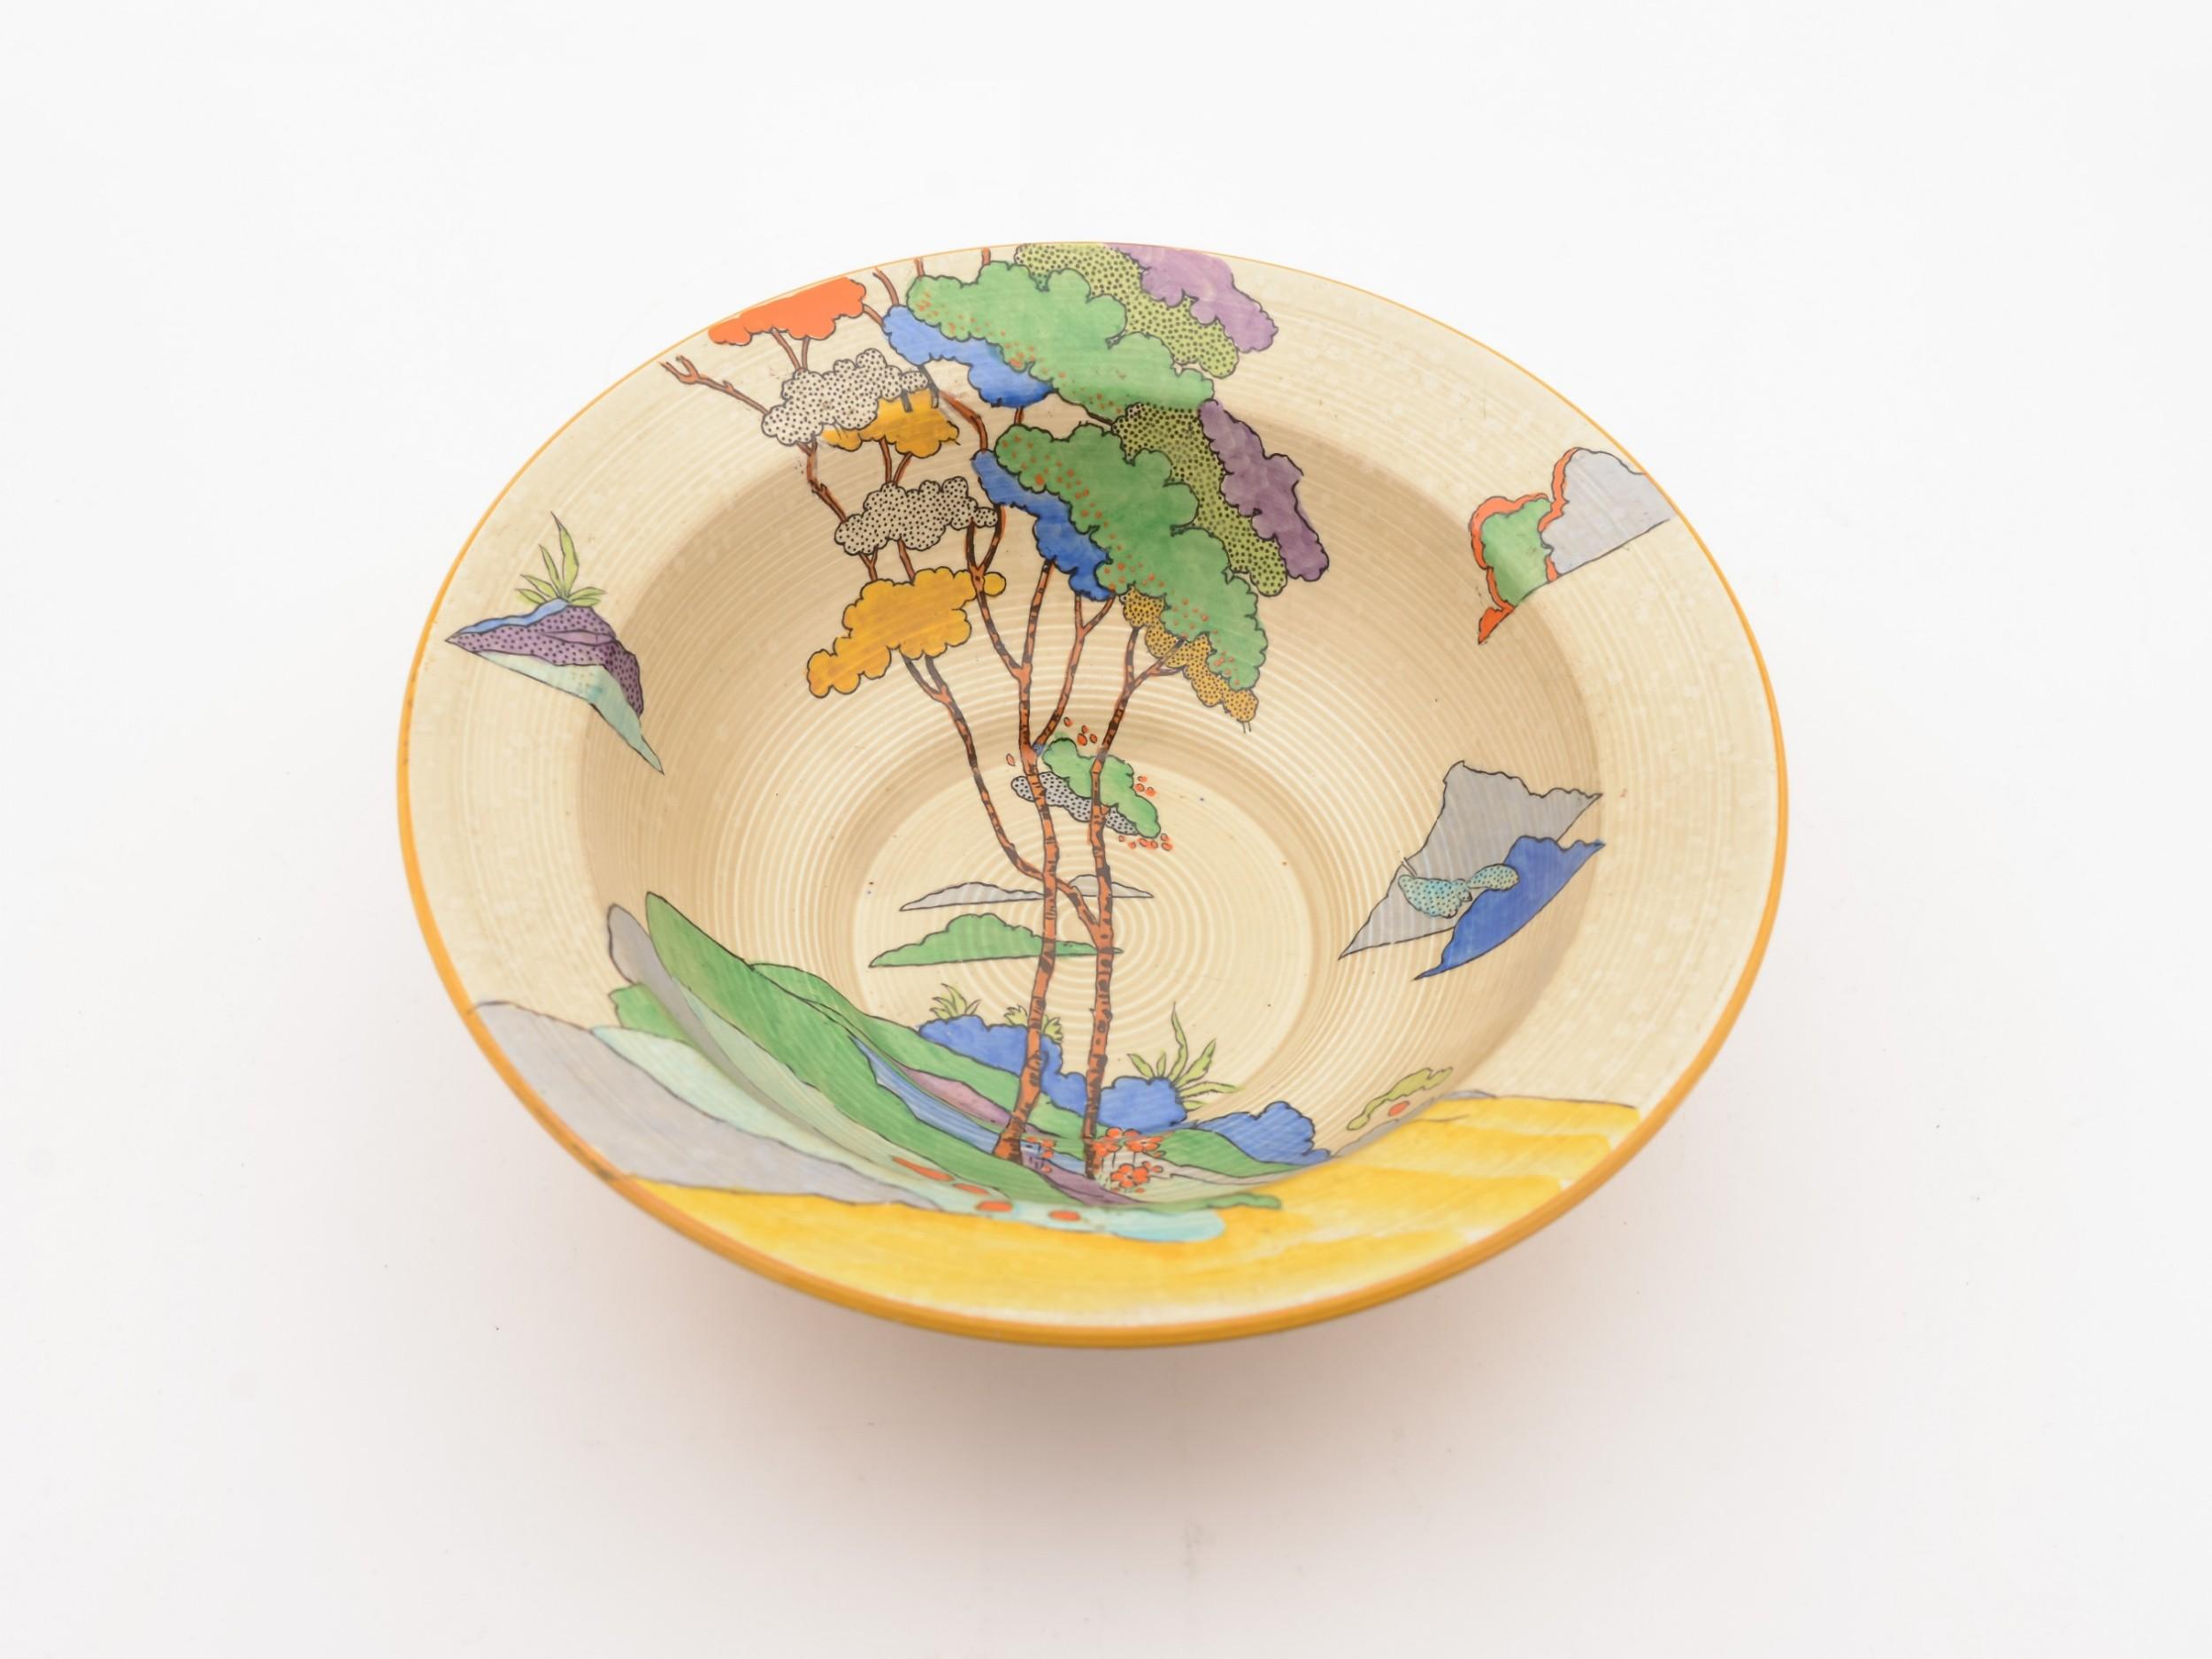 art deco cydonia china bowl circa 1930